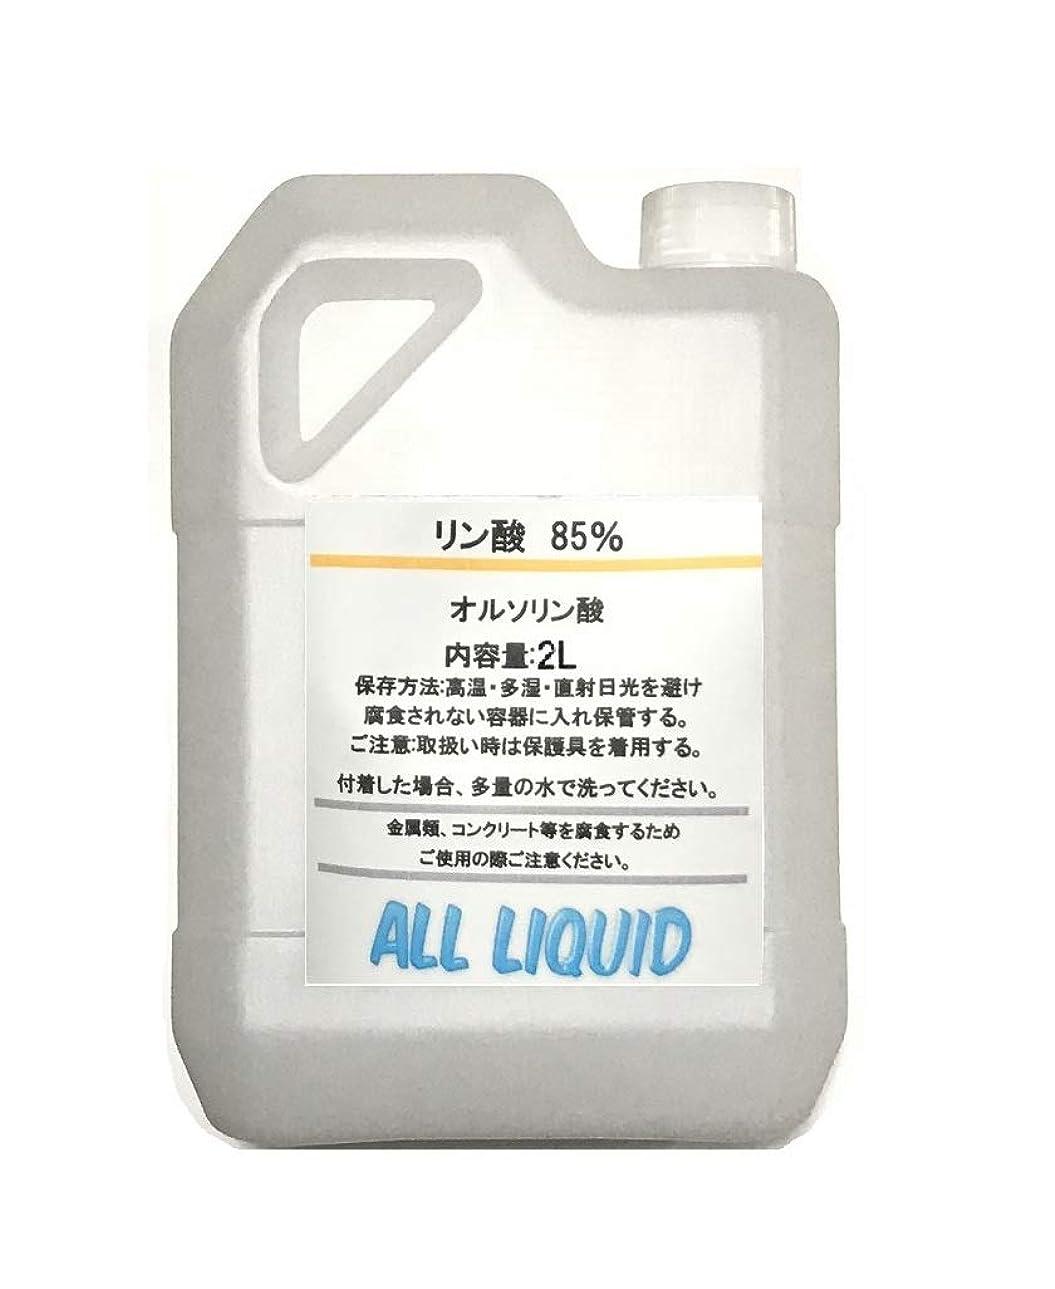 縮約体細胞競争力のあるリン酸 85% 2L 約3380g